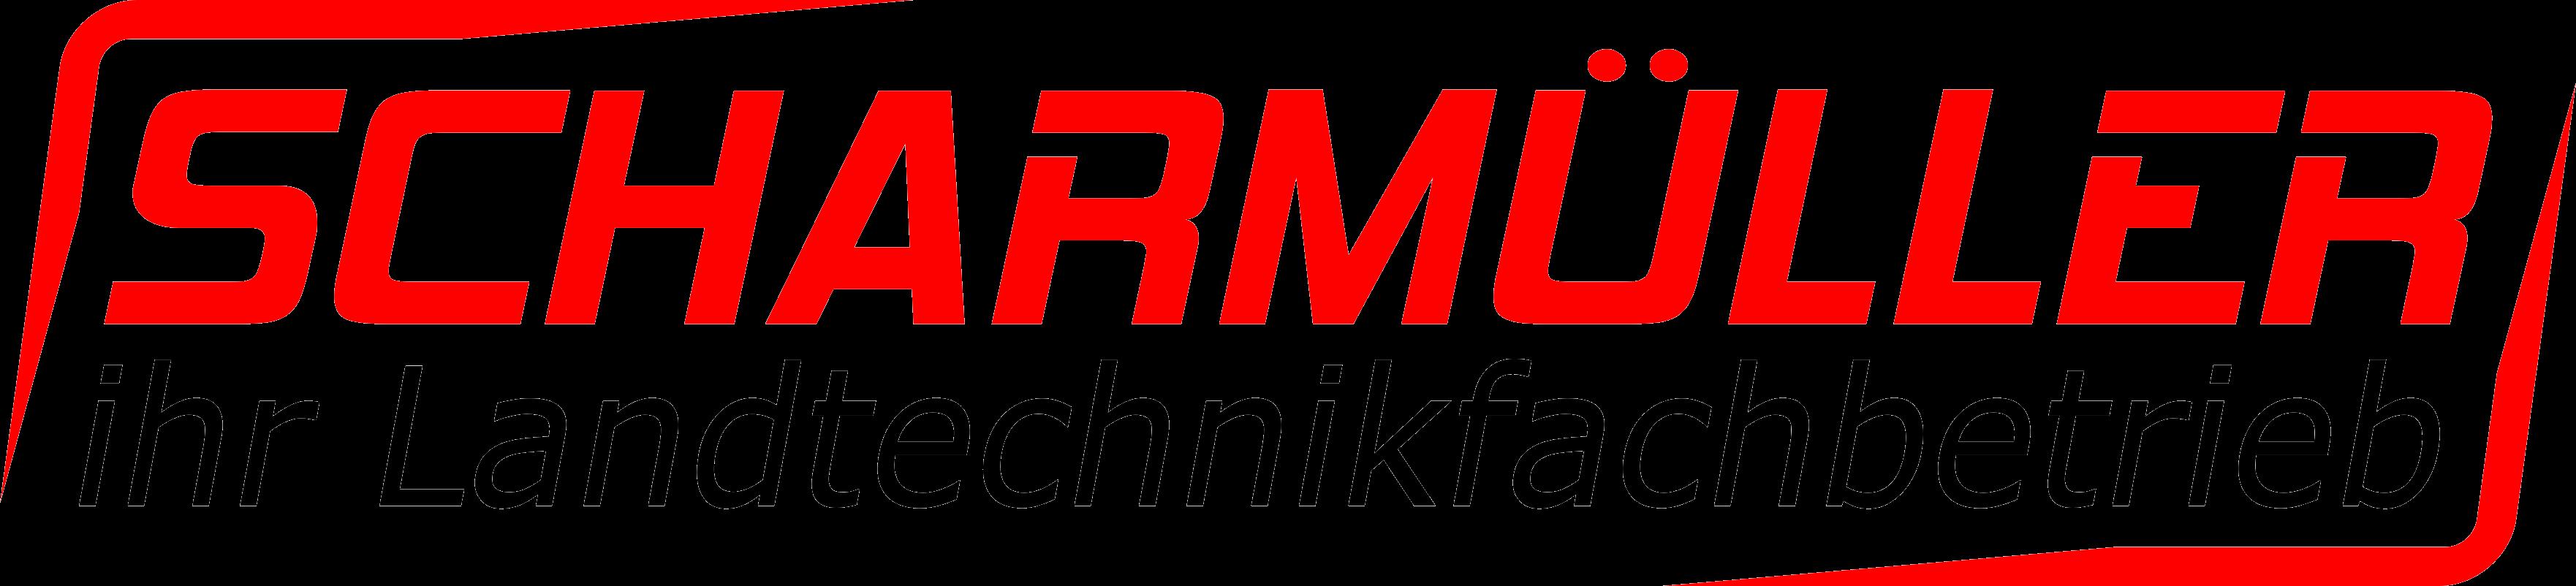 Scharmüller Landtechnik - Oberösterreich | Wir haben bestens ausgebildetes langjähriges Personal, 3 Landmaschinenmeister und Techniker, auch auf die Lehrlingsausbildung wird großer Wert gelegt.